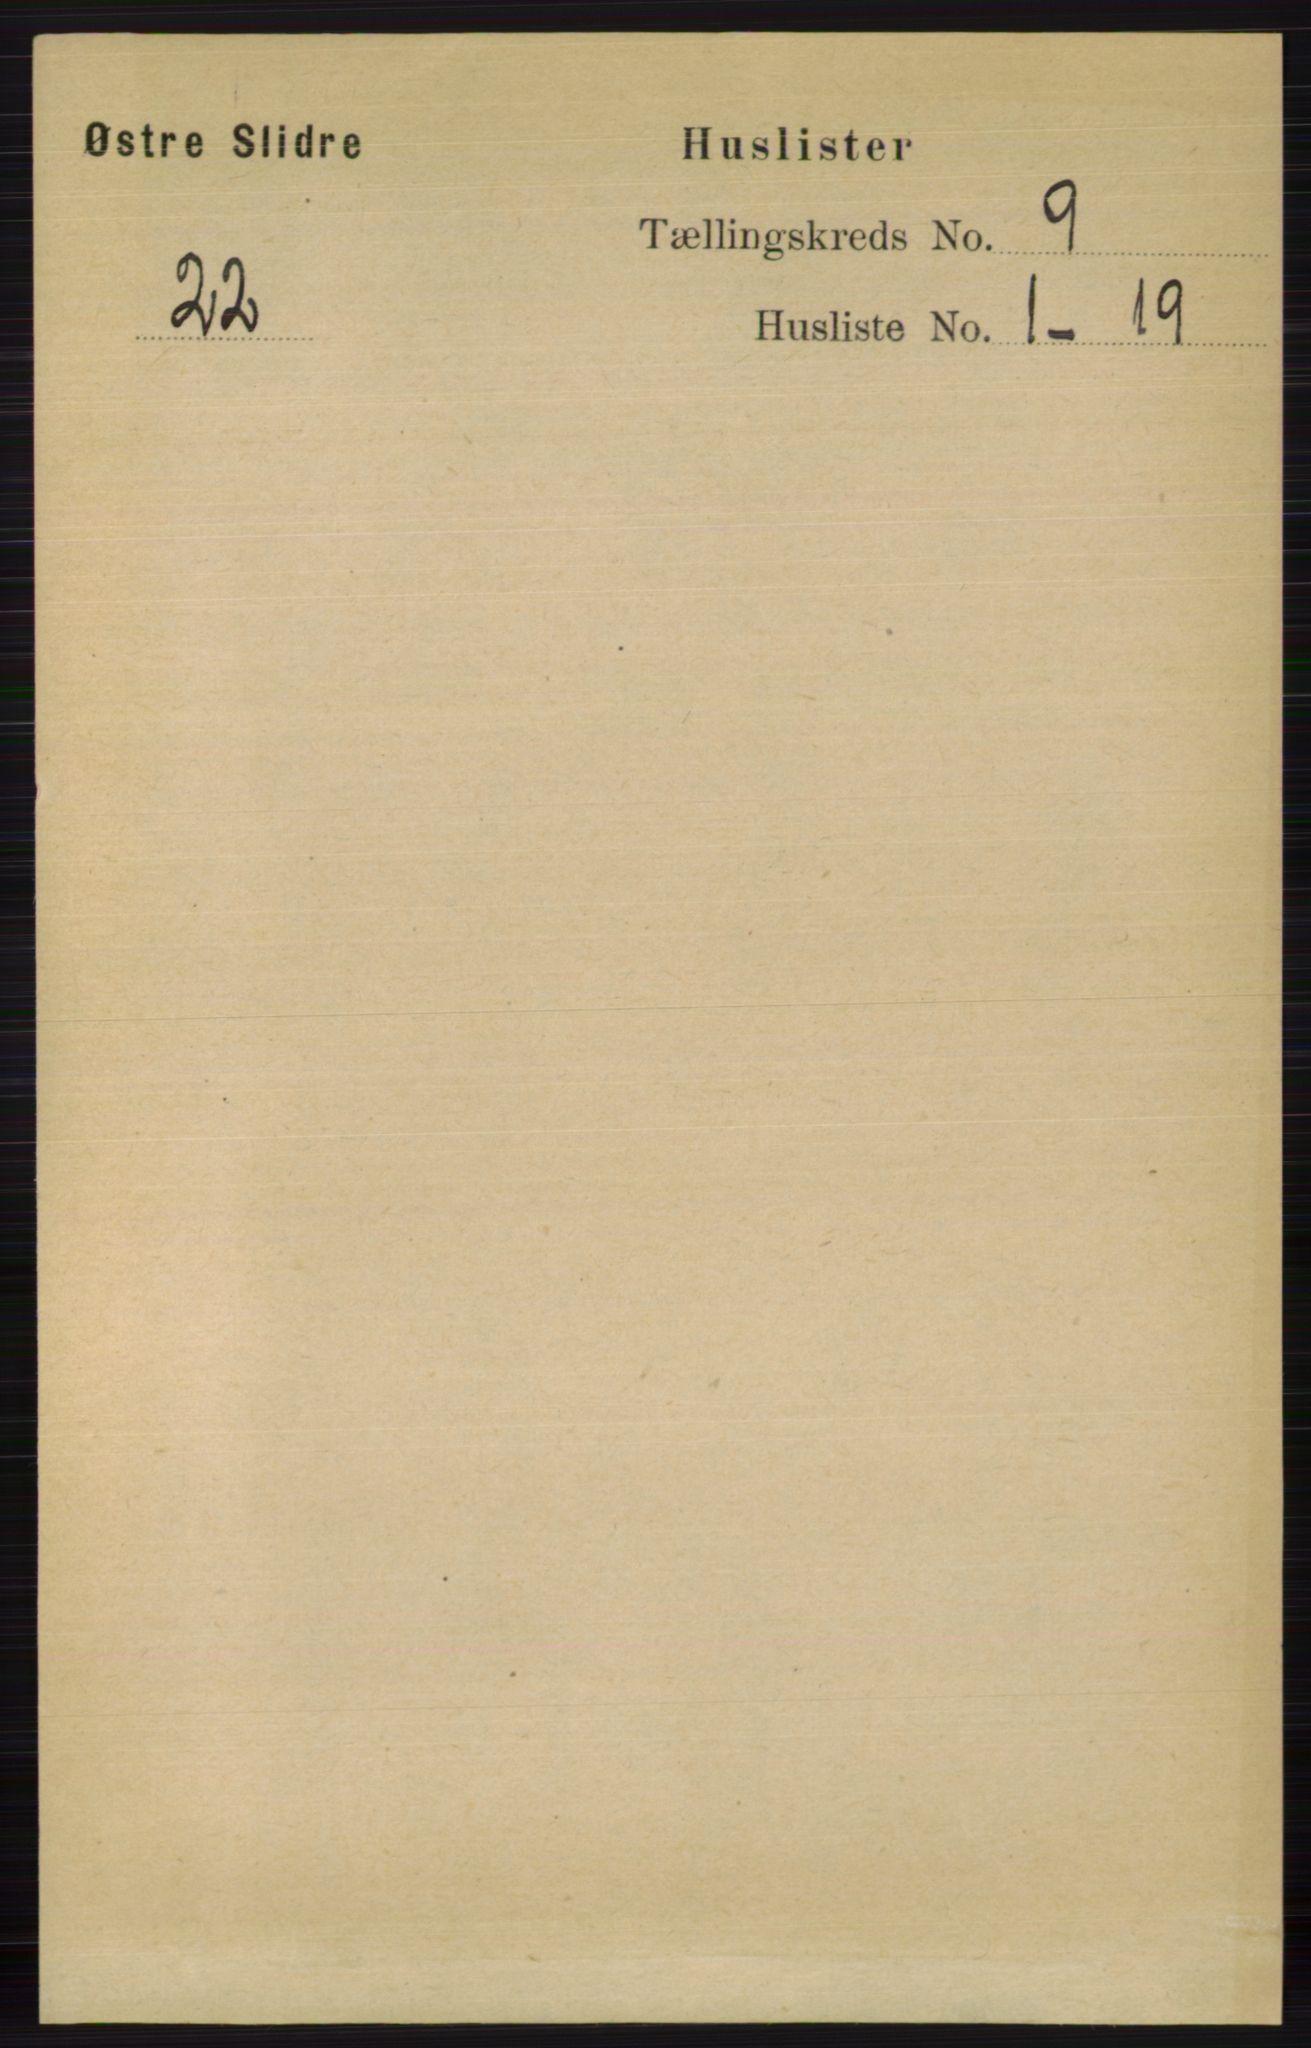 RA, Folketelling 1891 for 0544 Øystre Slidre herred, 1891, s. 3015